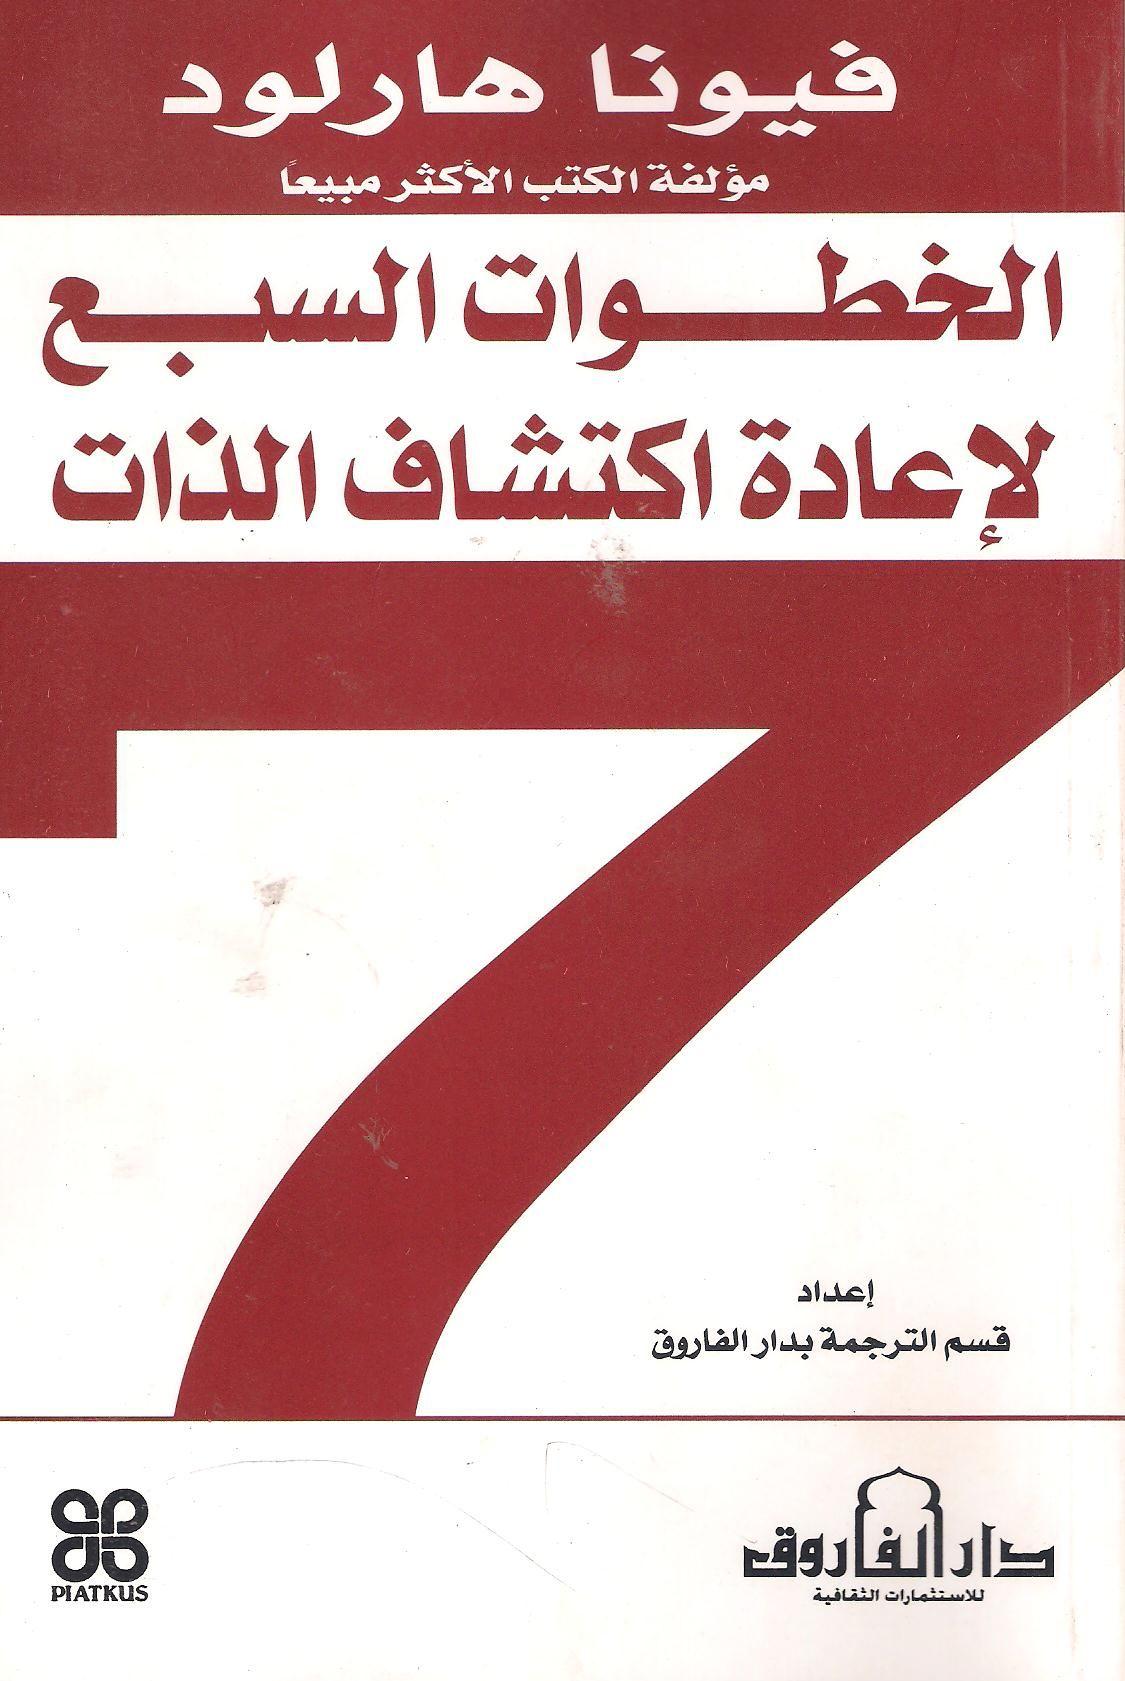 الخطوات السبع لاعادة اكتشاف الذات Management Books Book Names